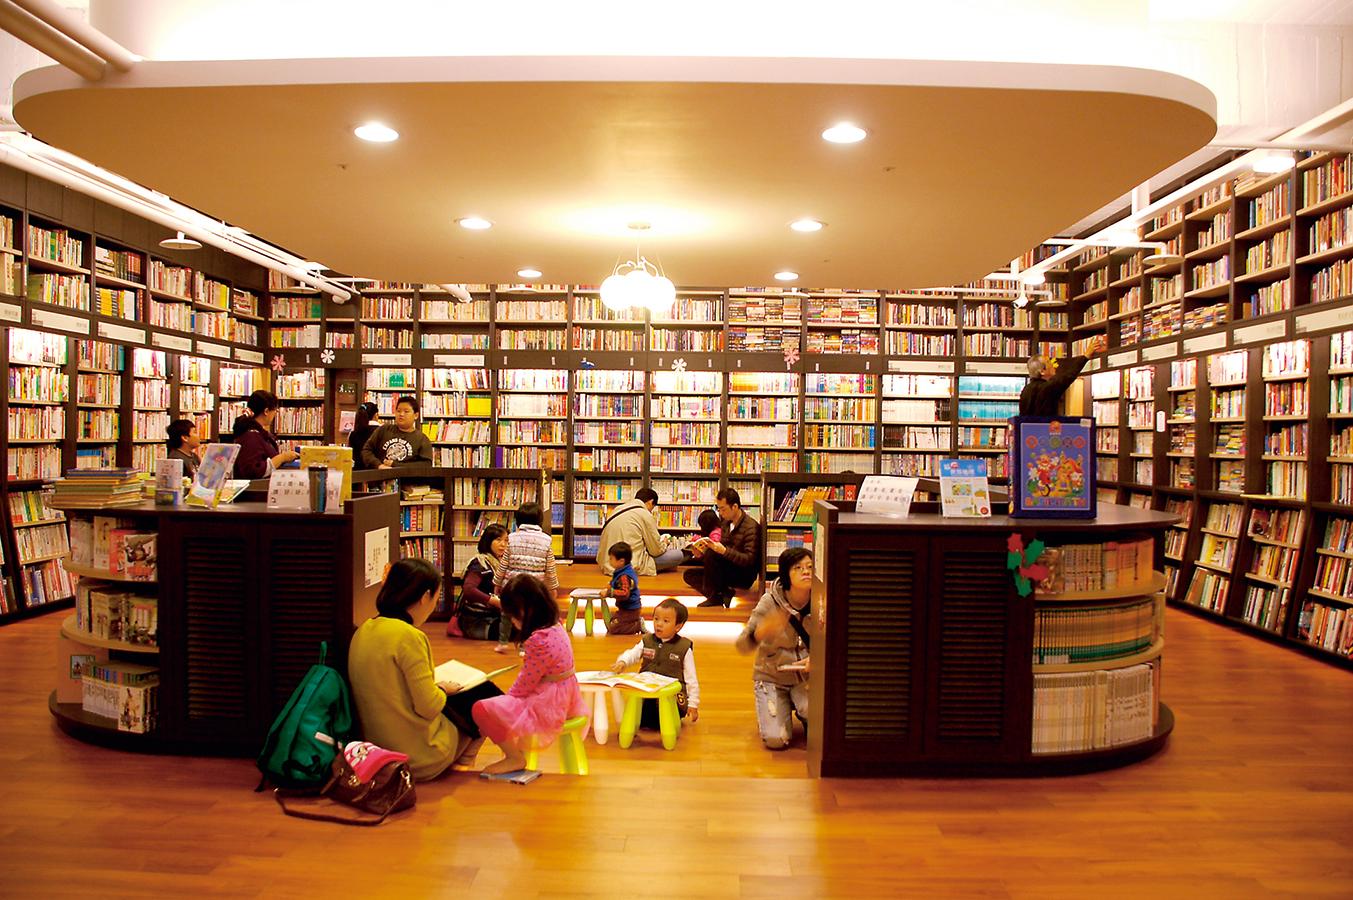 新光碼頭附近的茉莉二手書店, 是高雄人的新去處。